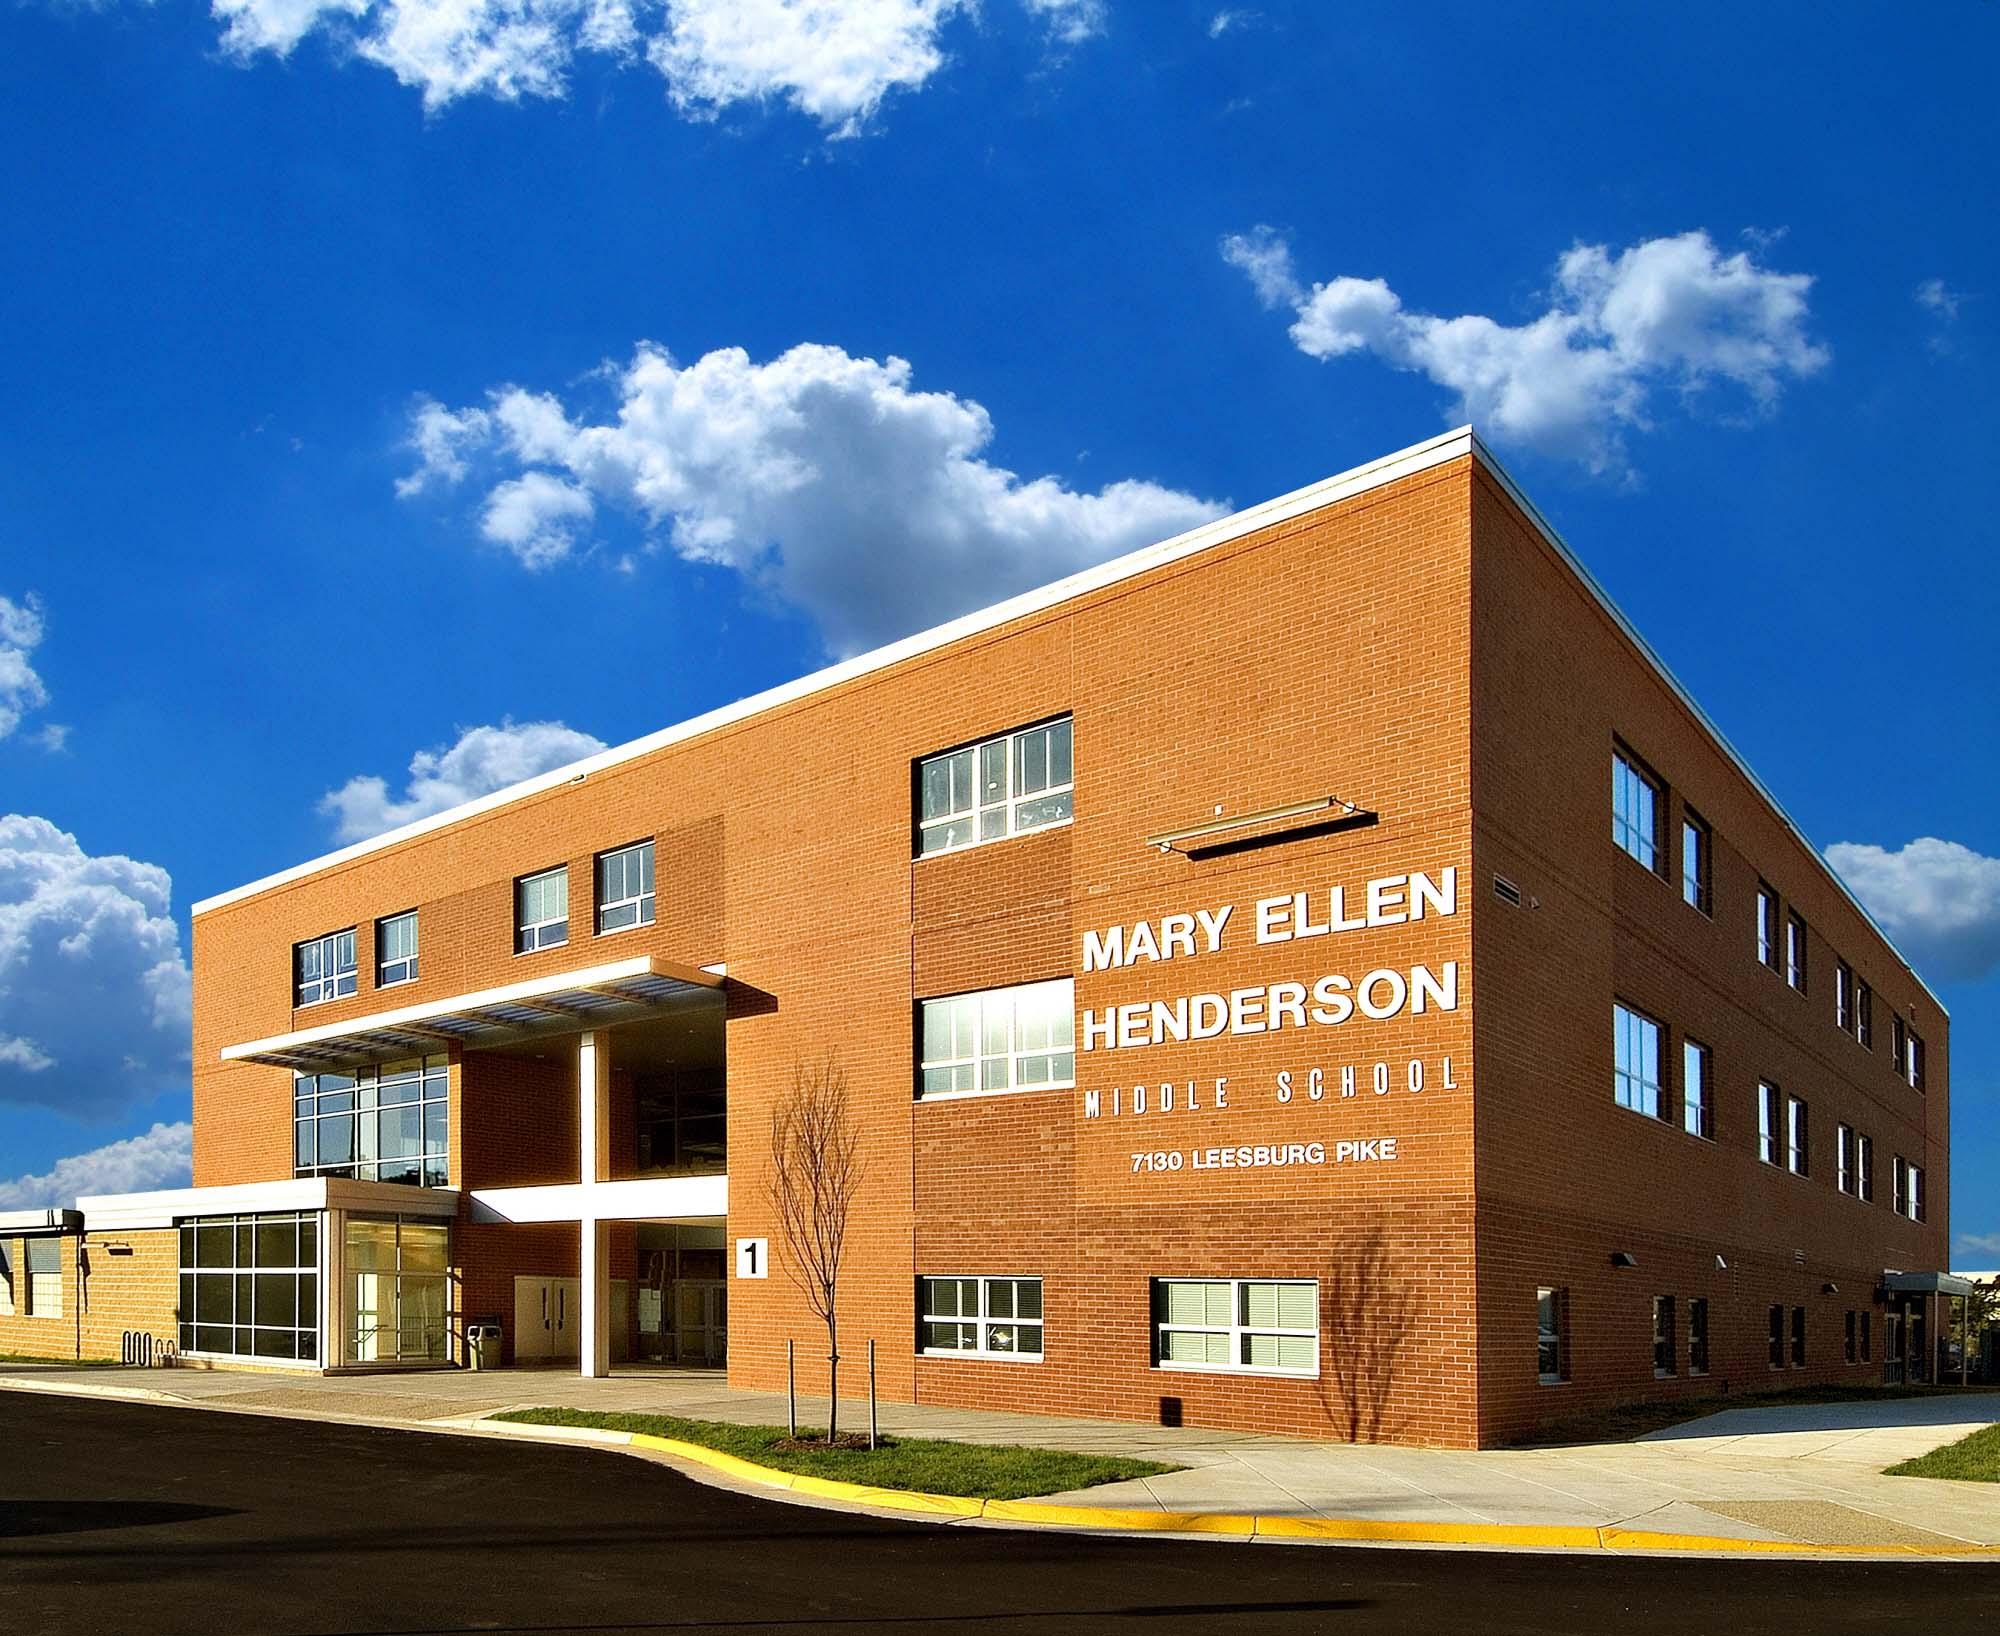 Mary Ellen Henderson Middle School